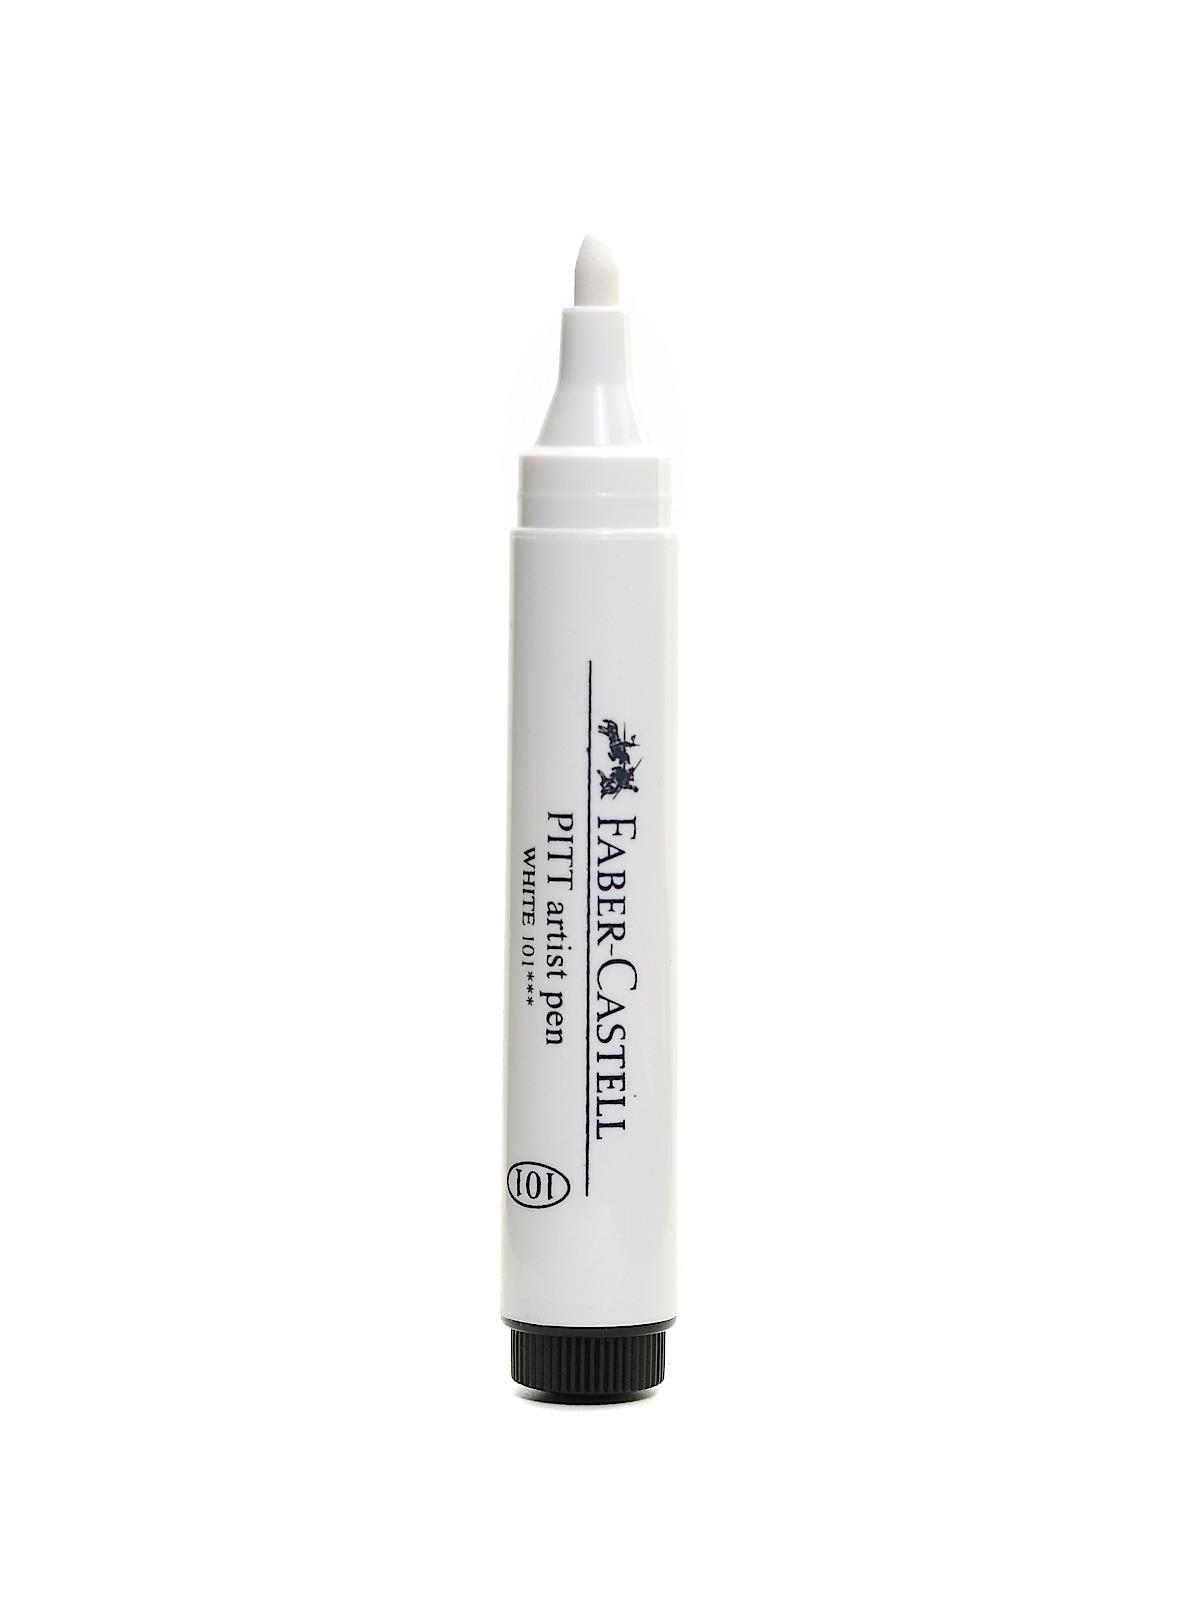 White Pitt Artist Pen